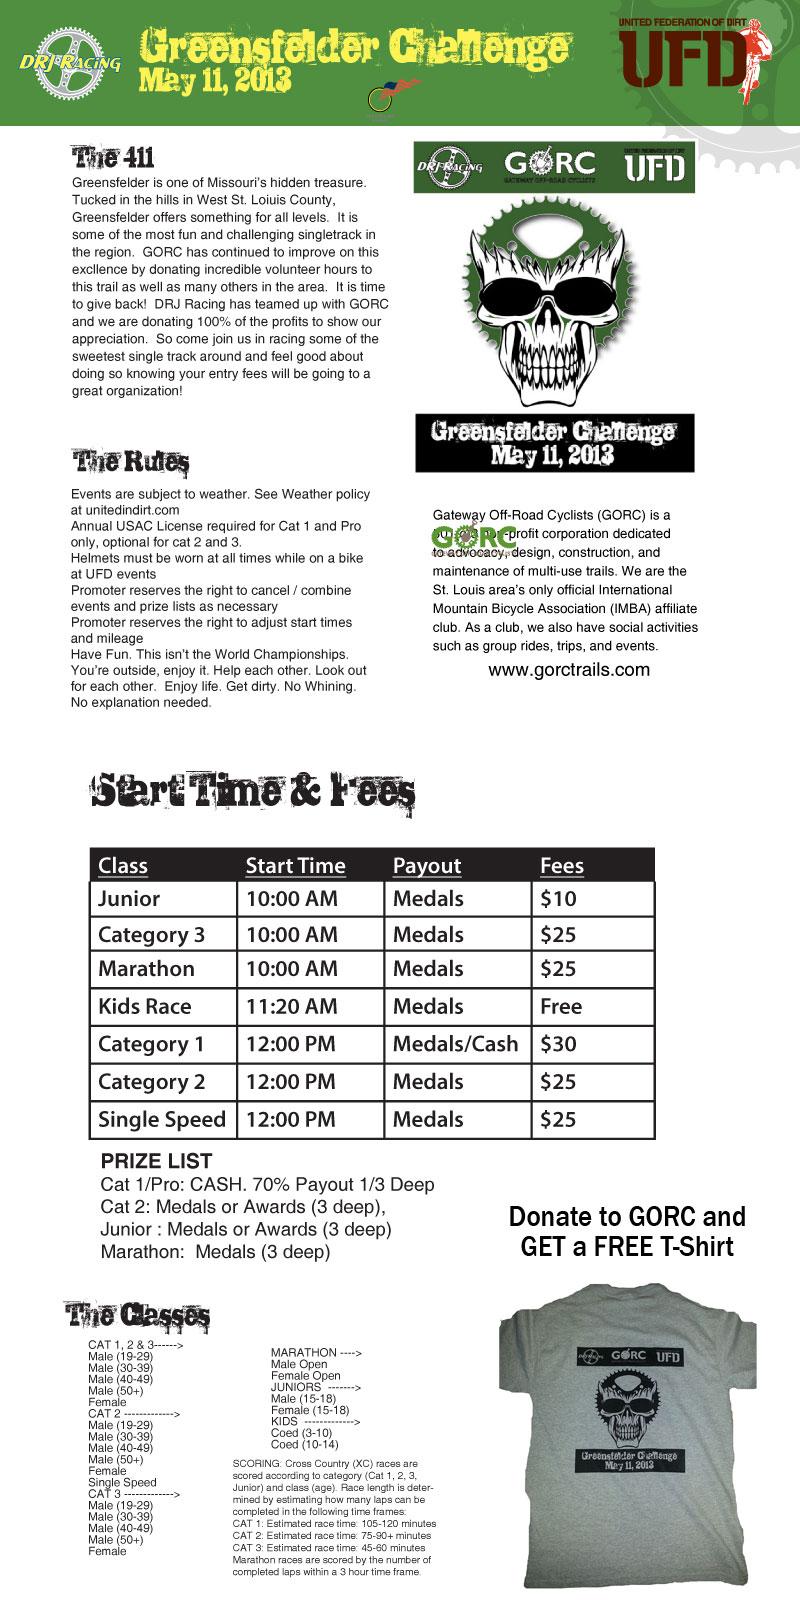 Greensfelder Challenge details